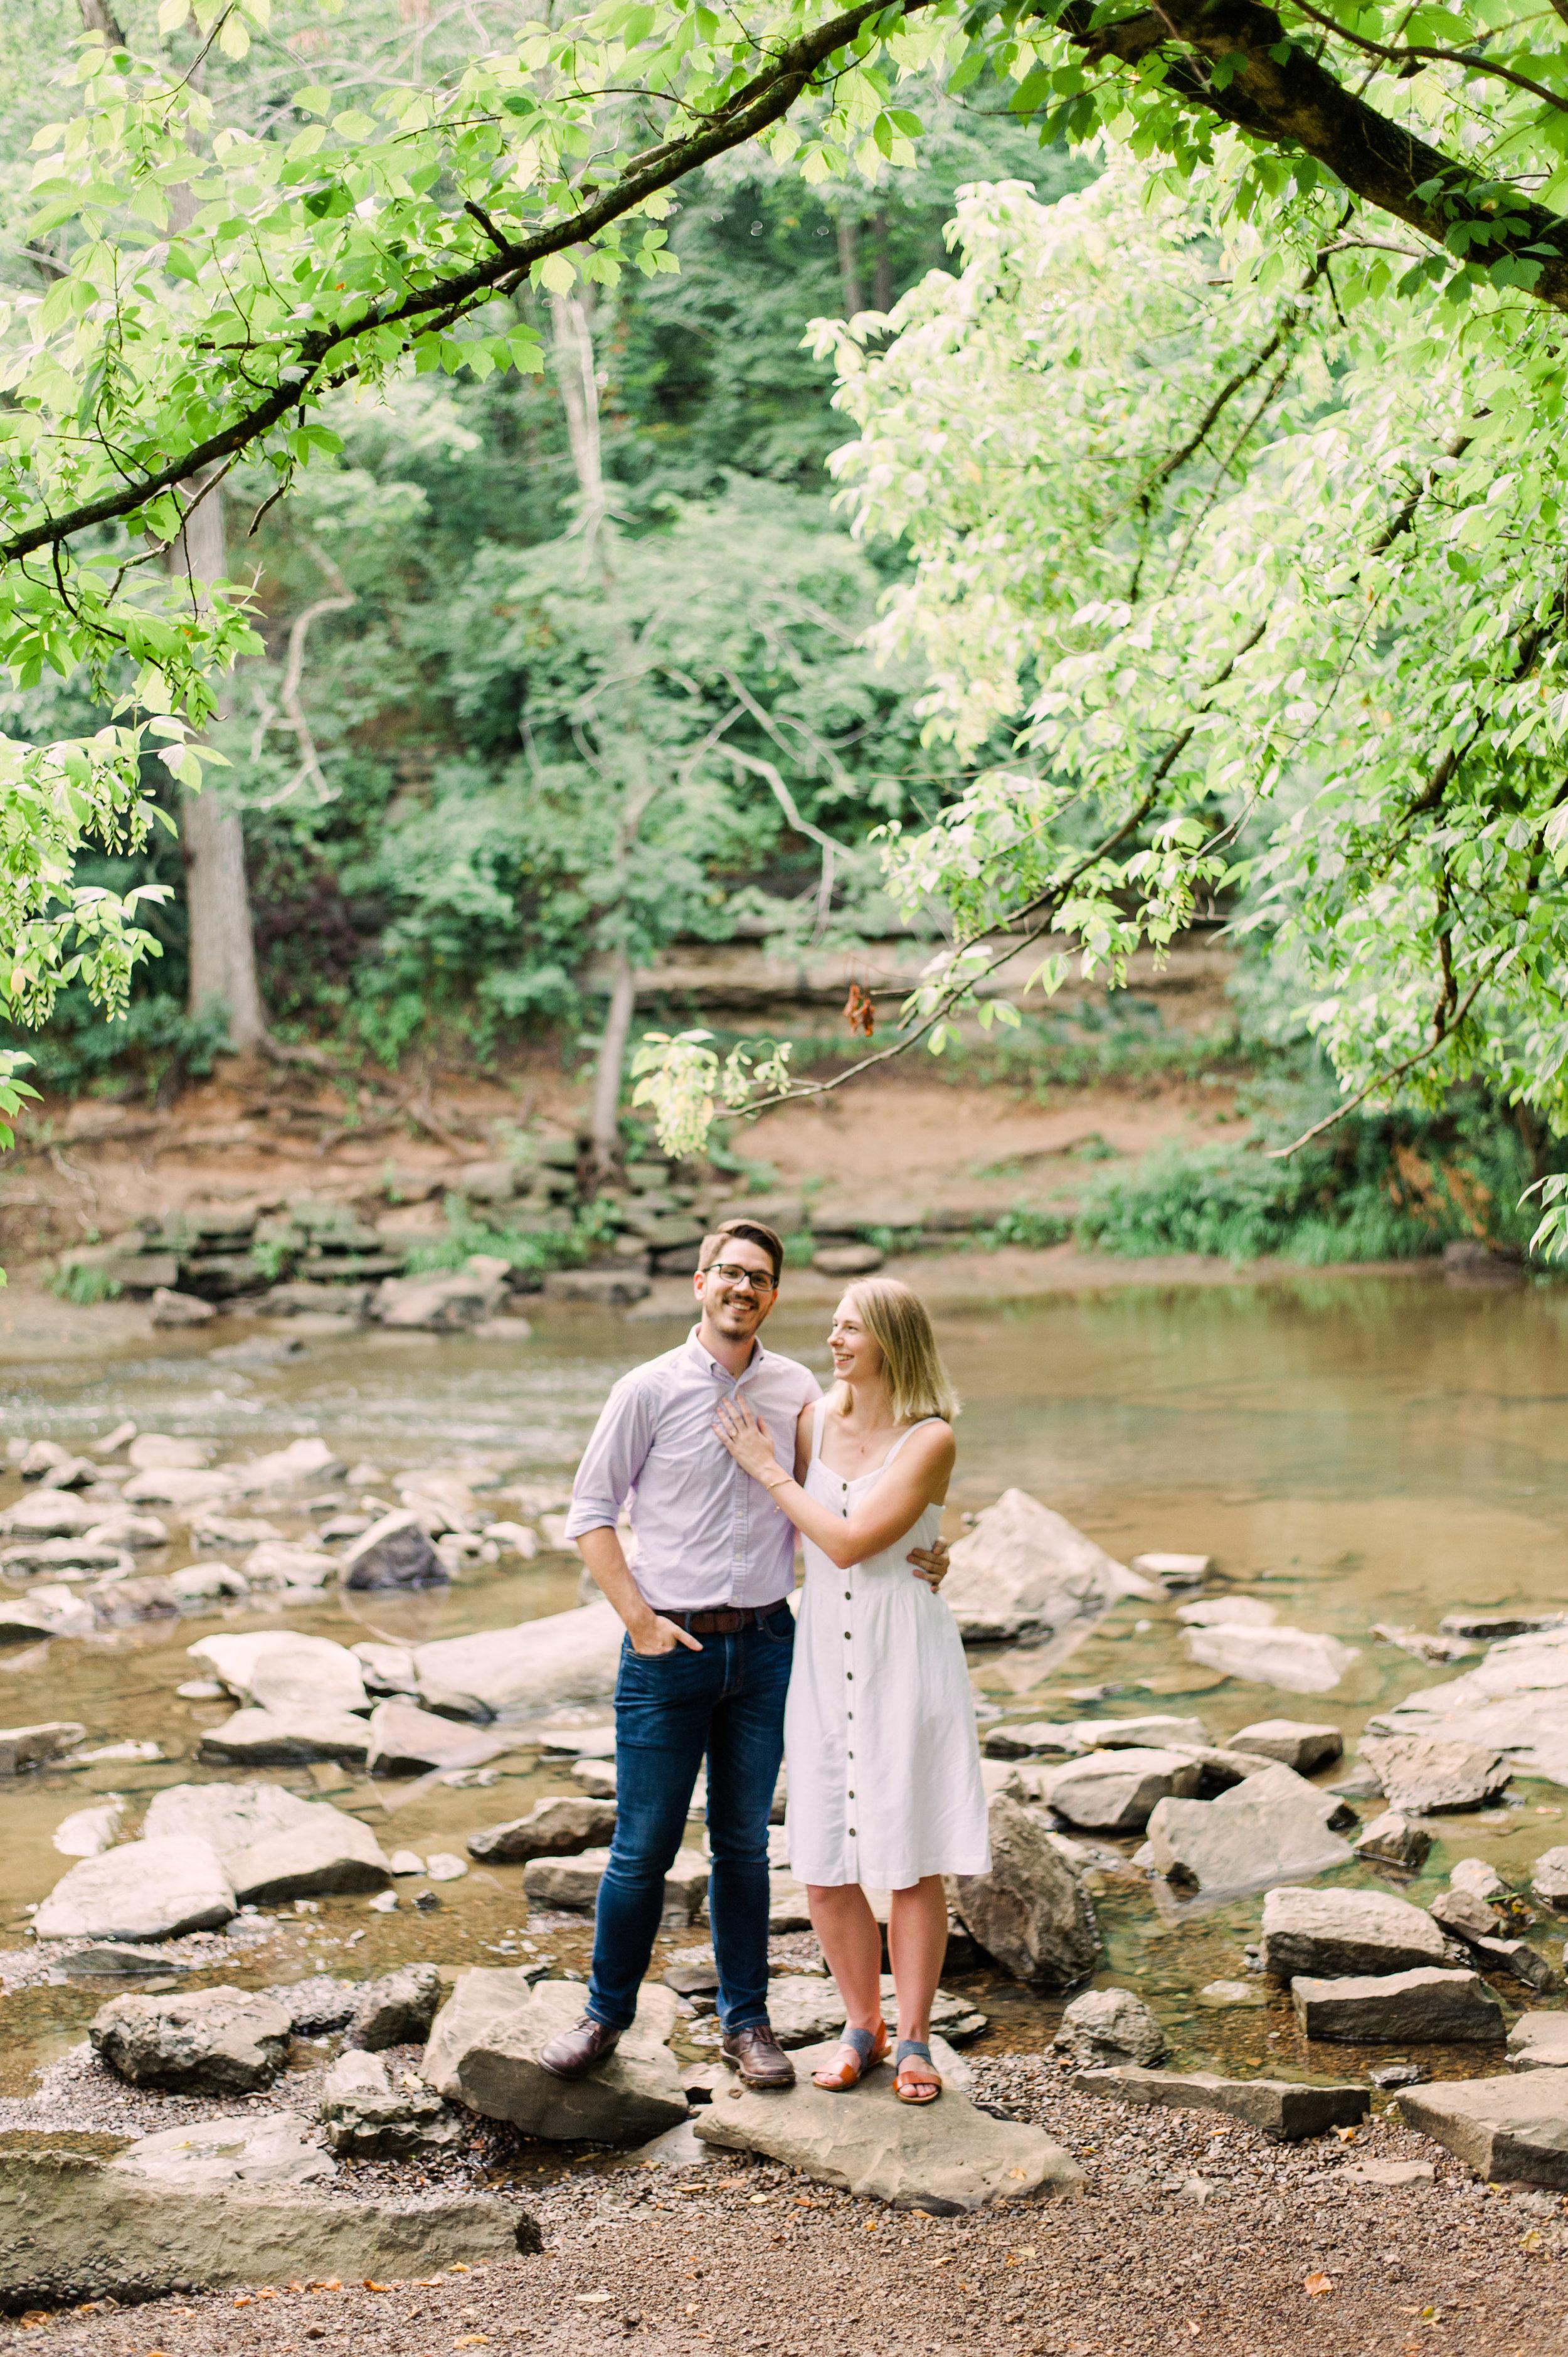 Summer Cherokee Park Engagement Session - Shelby + Brennen-1.JPG